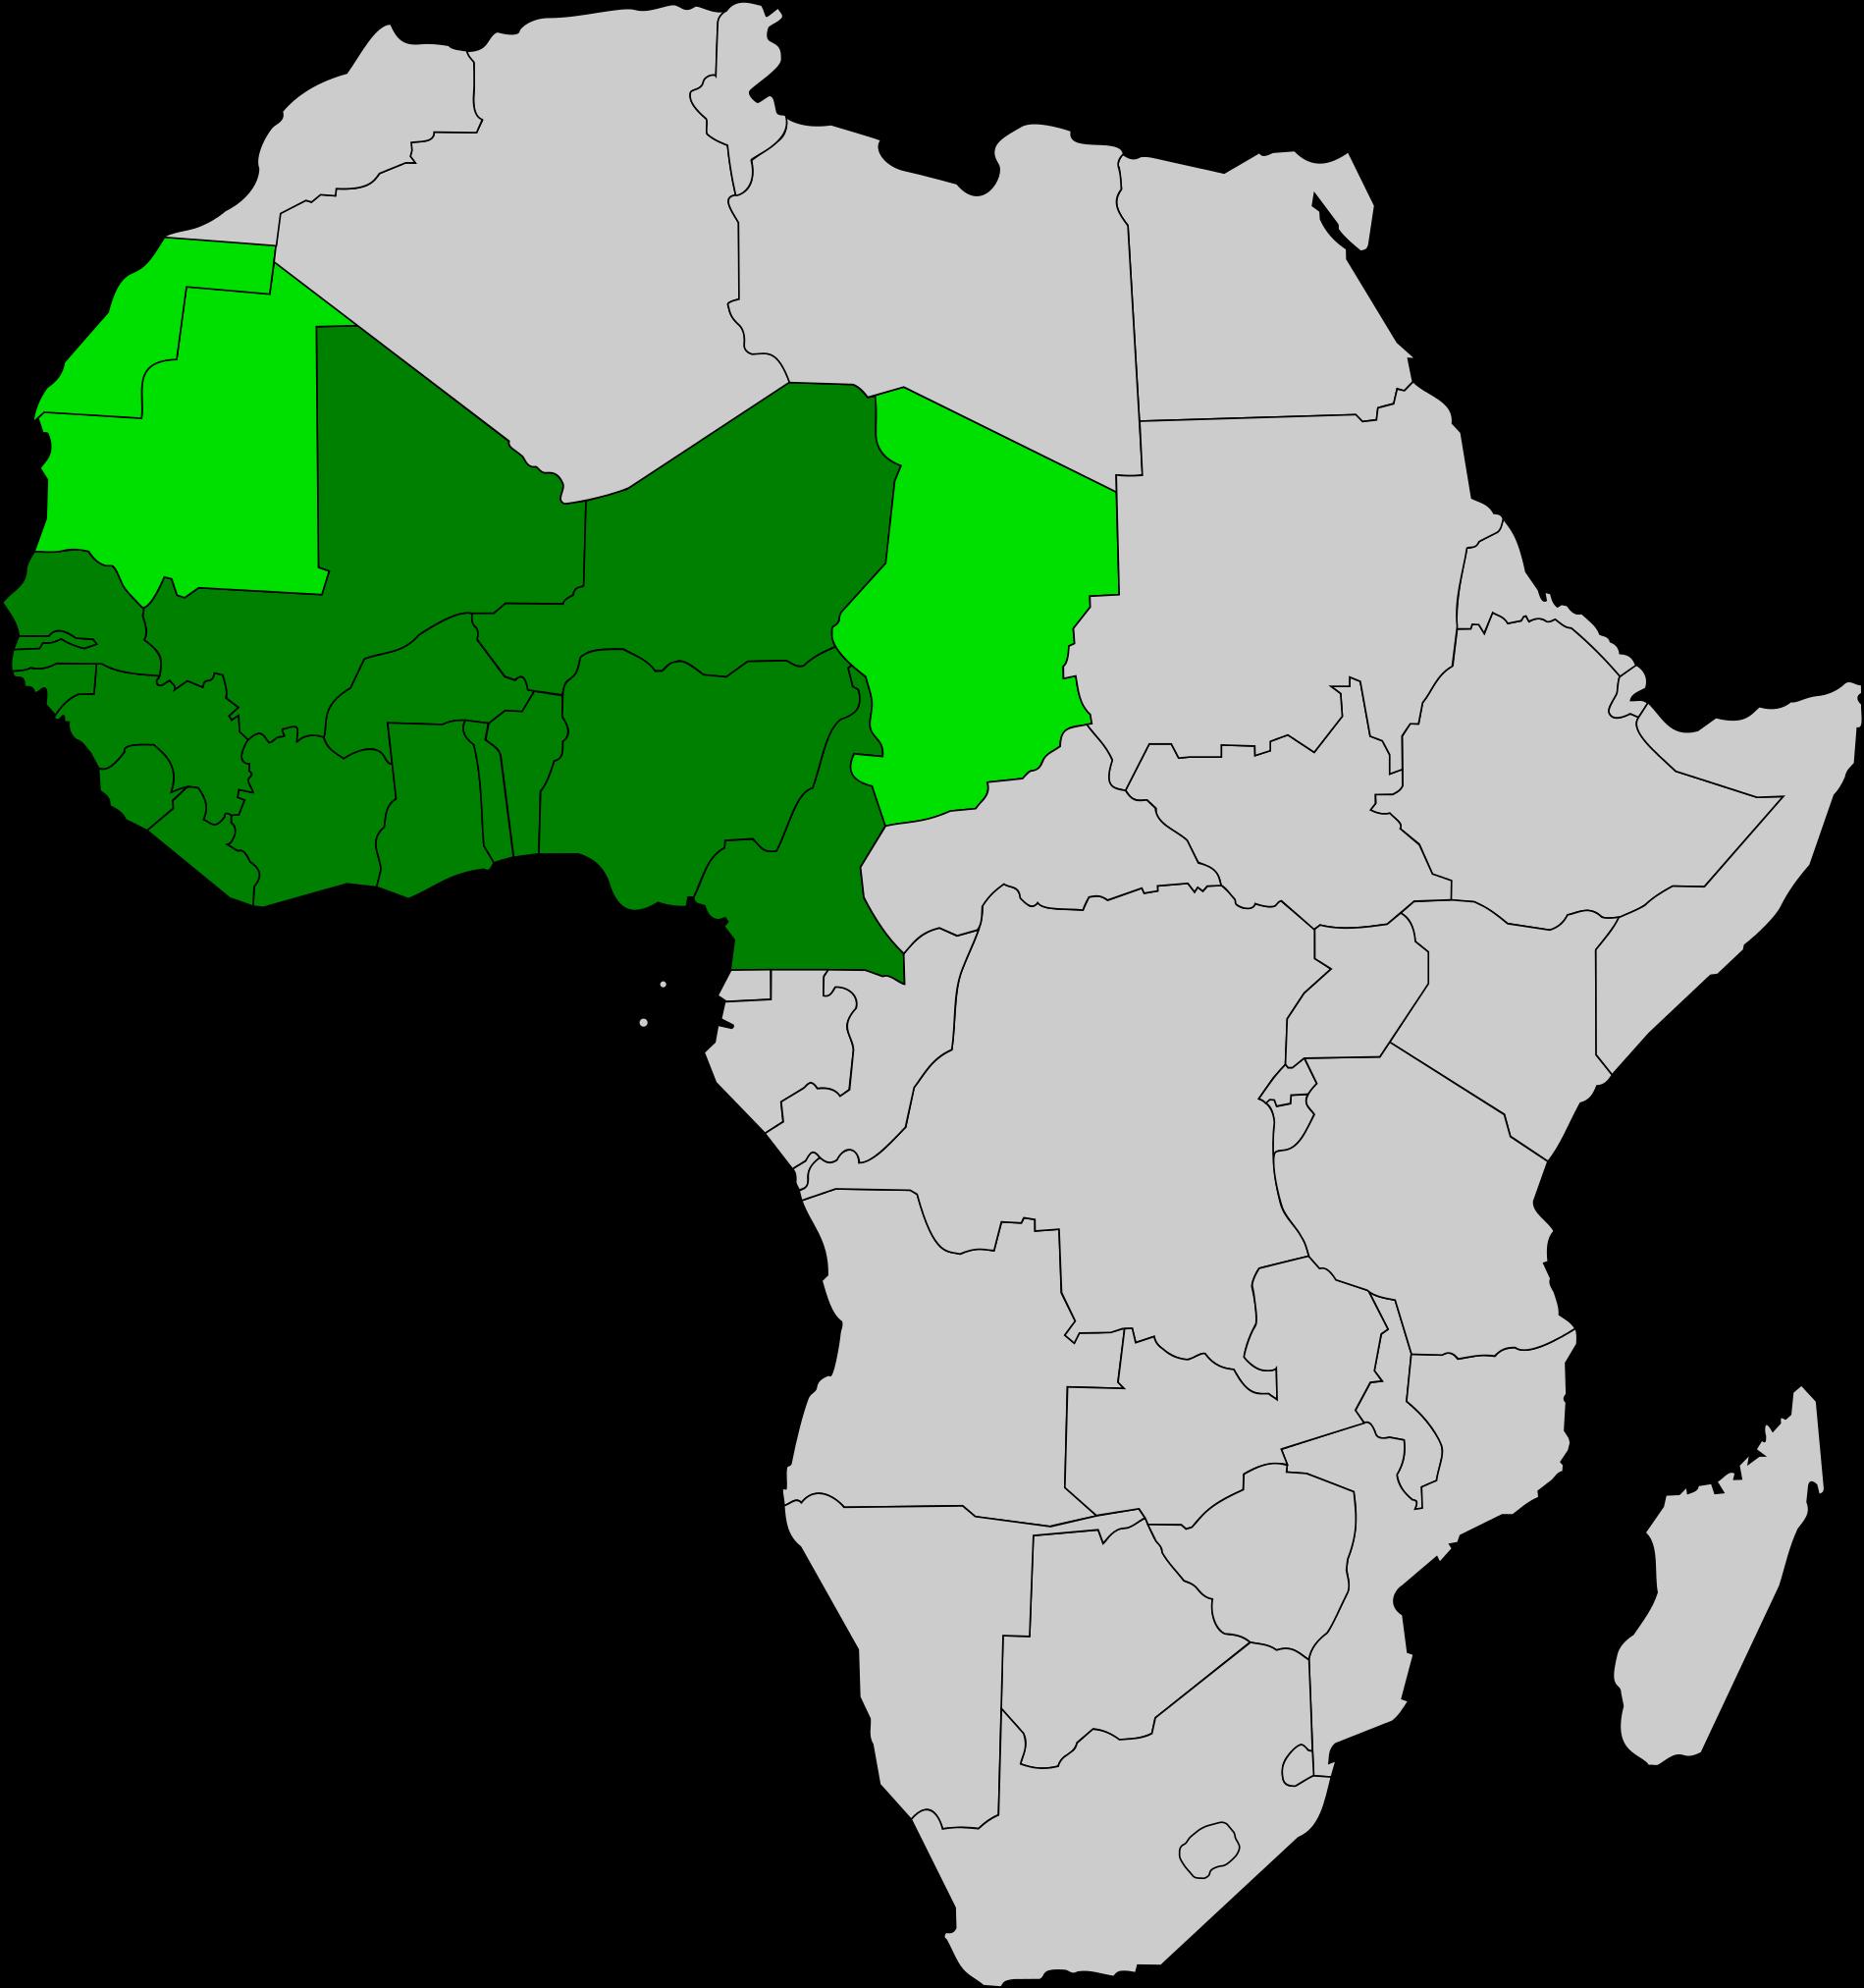 всегда картинки регионы африки возводились